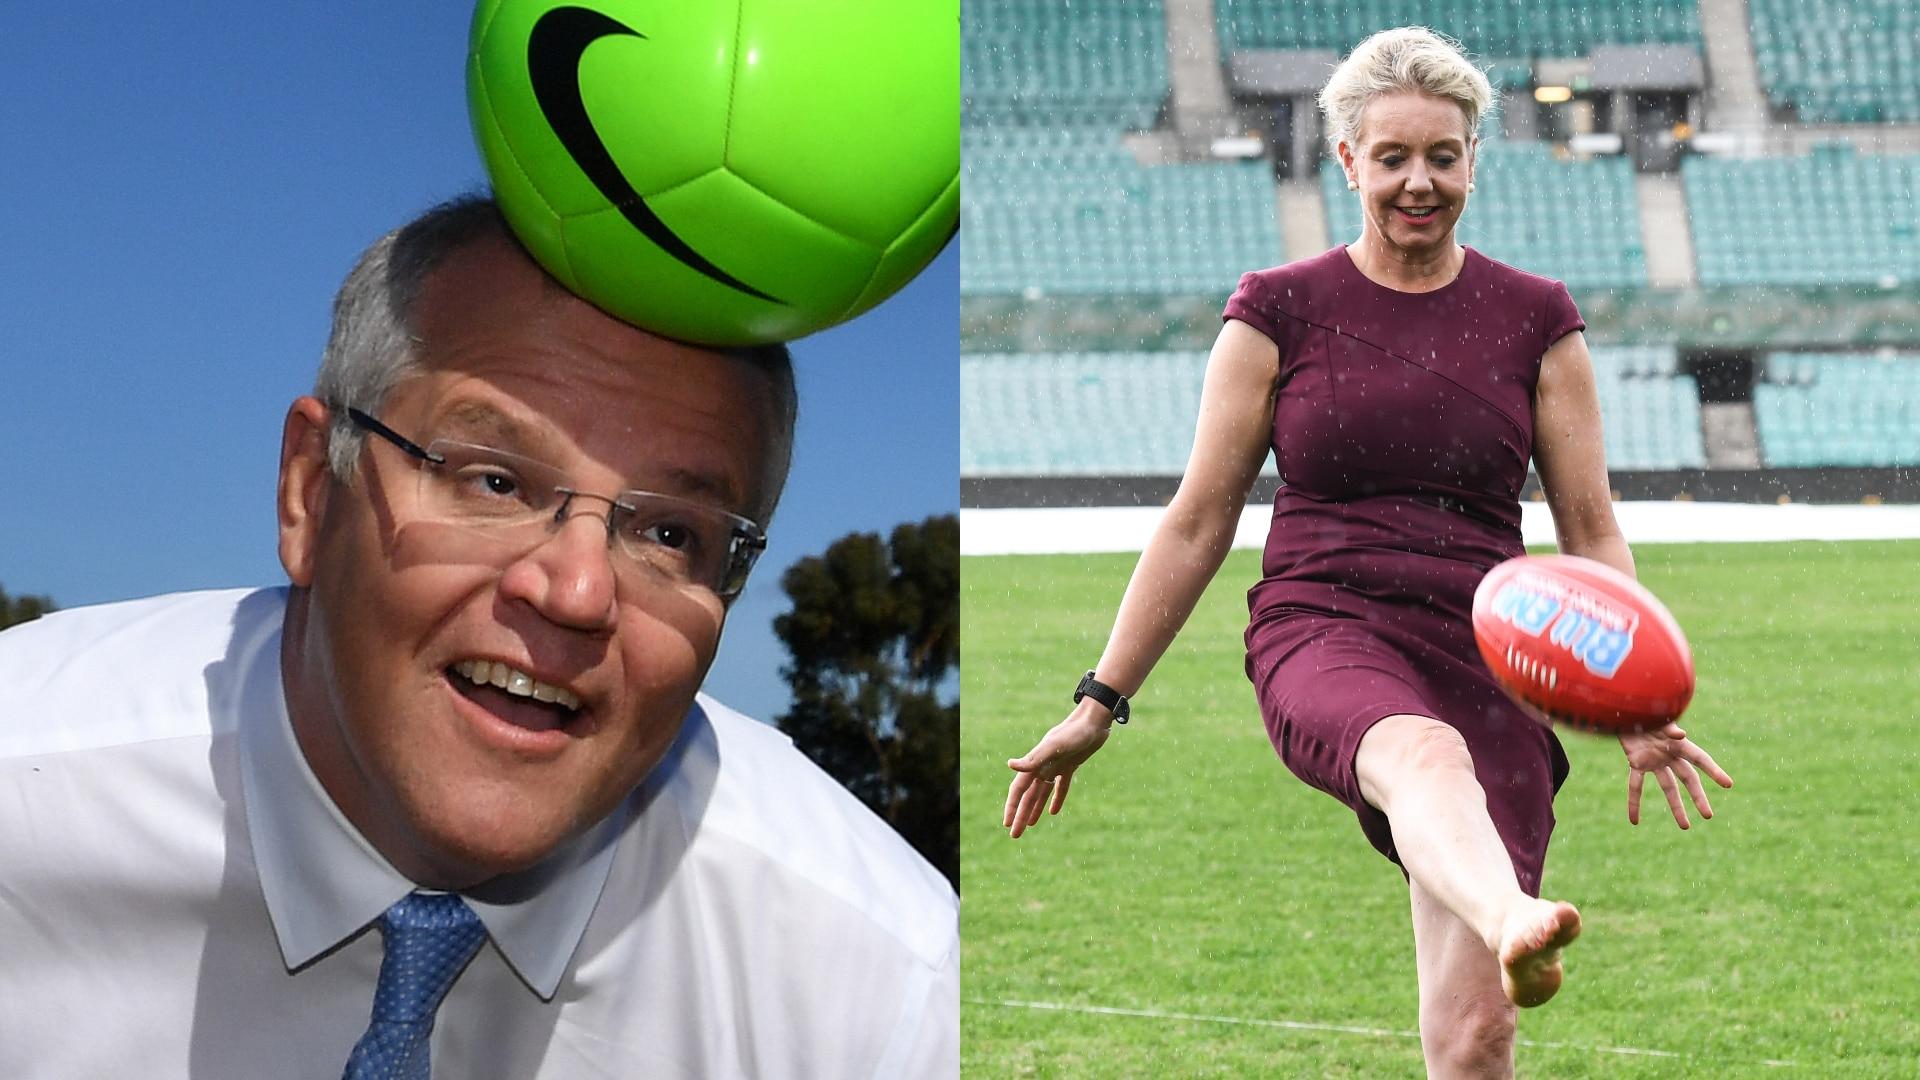 Scott Morrison heads a ball in 2019 (left), Senator Bridget McKenzie kicks an AFL ball in 2019 (right).